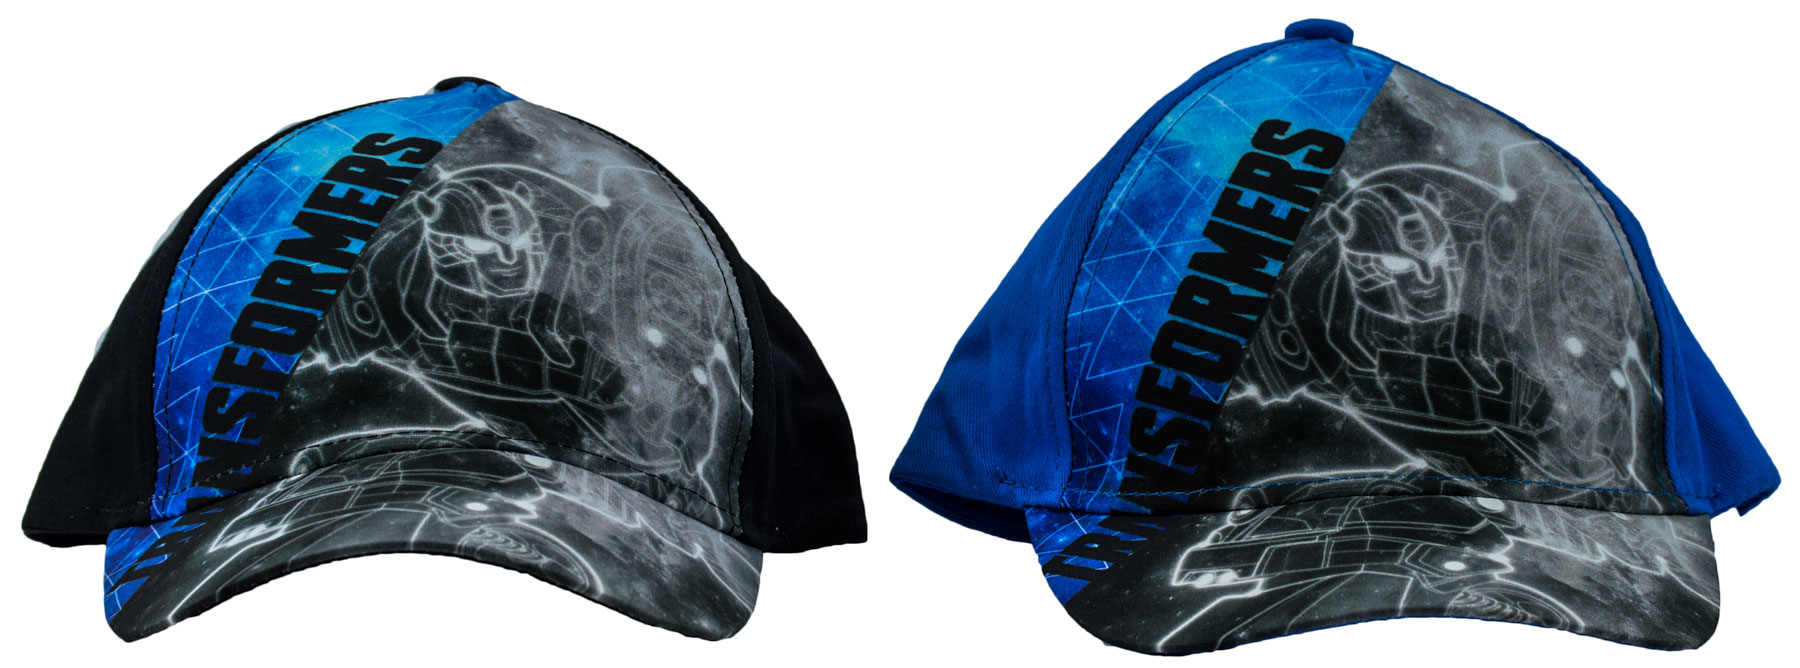 Transformers Baseball Caps Blau / Schwarz verschiedene Größen (Auswahl)